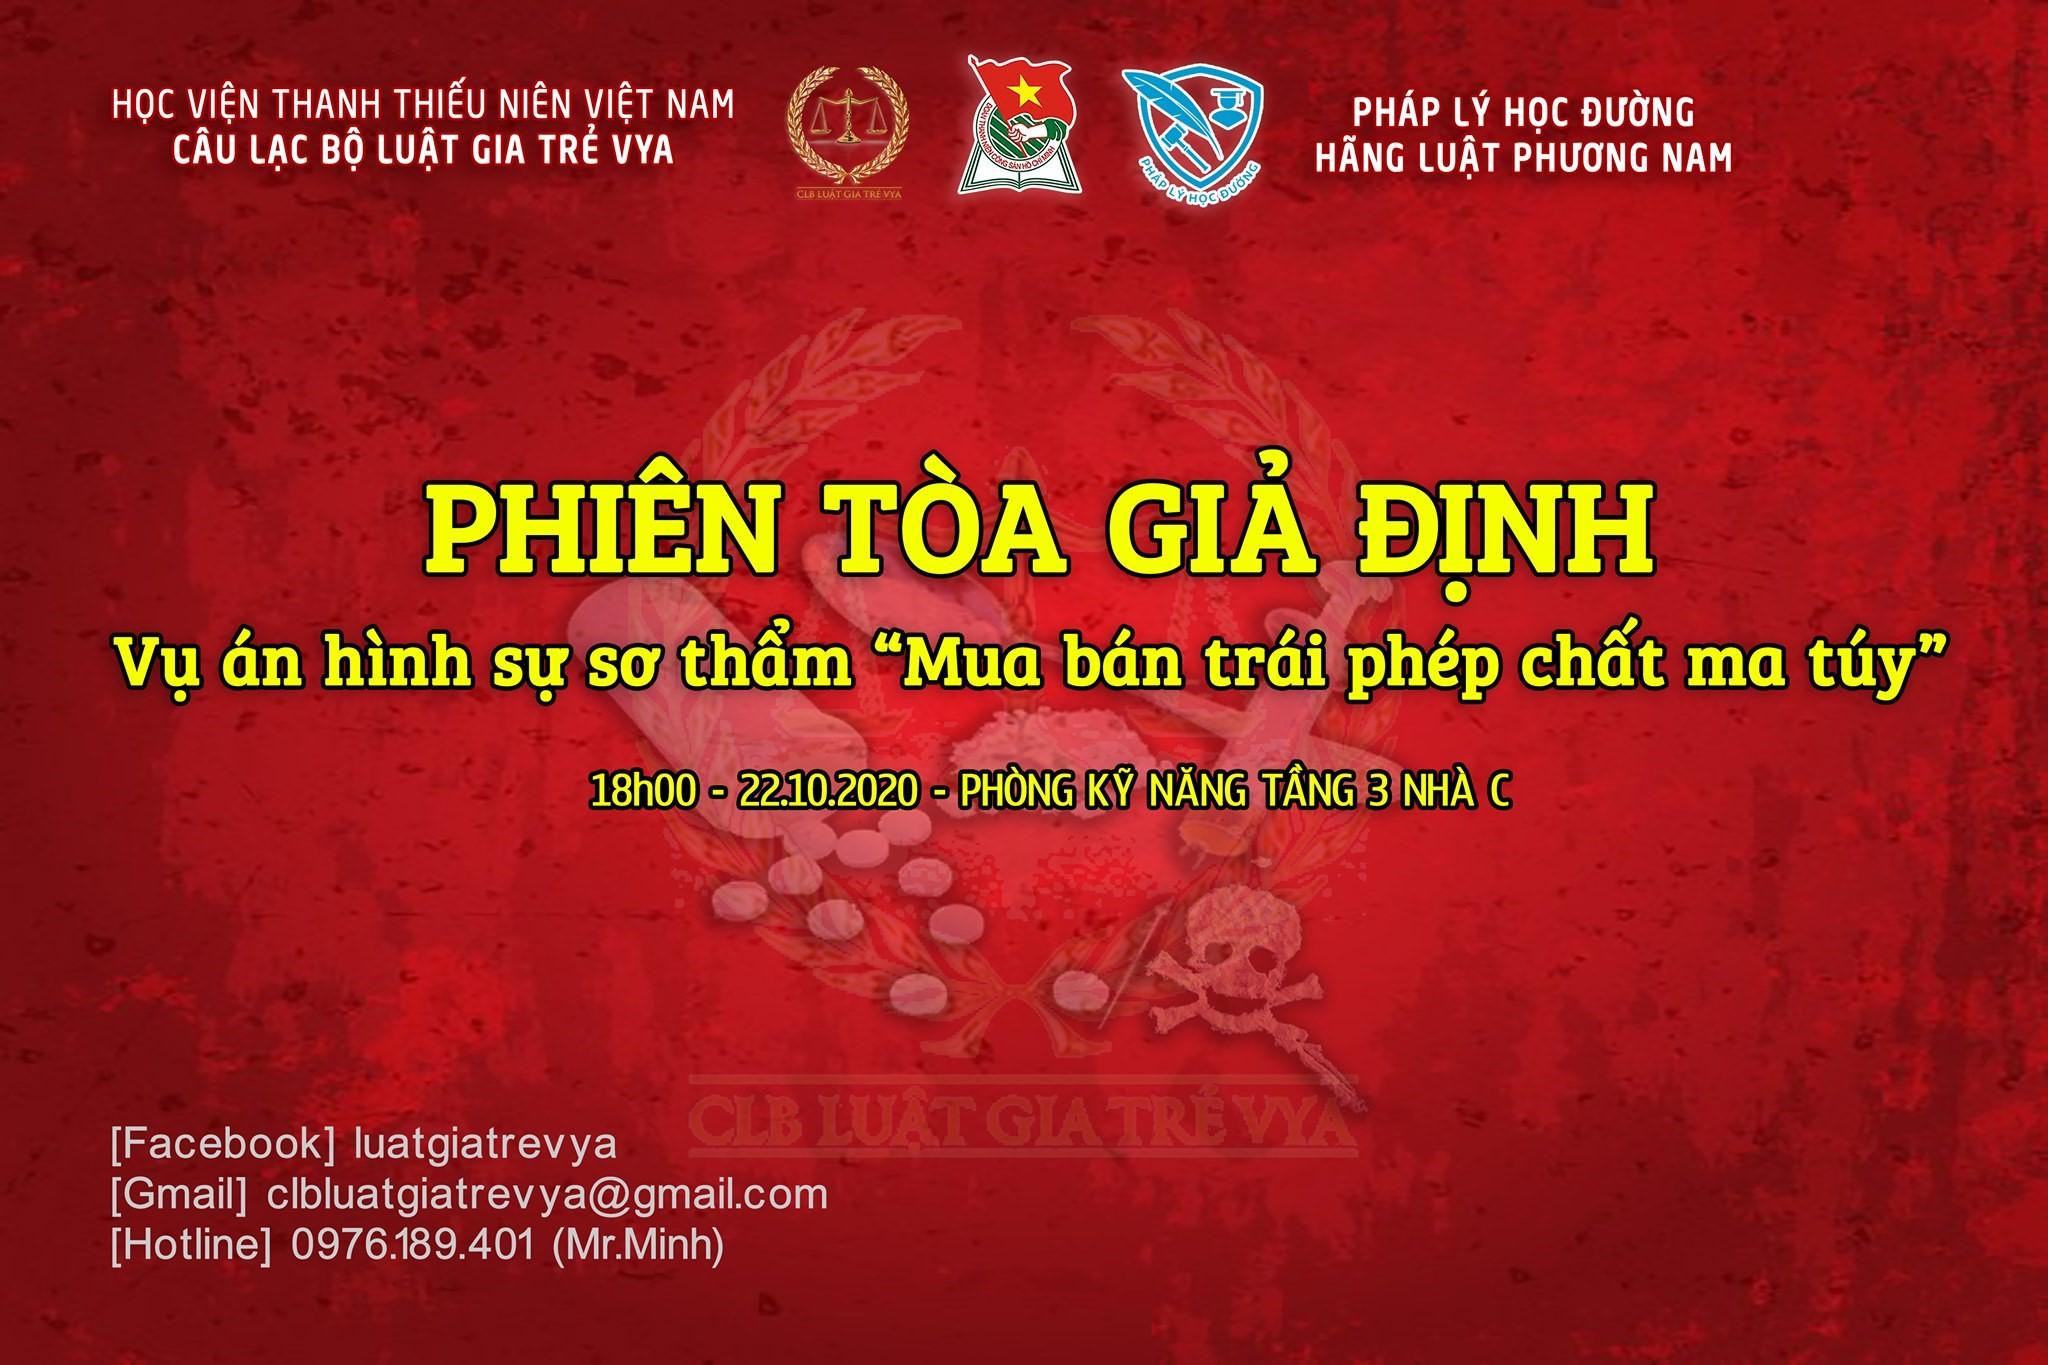 Giới thiệu ngành Luật tại Học viện Thanh thiếu niên Việt Nam